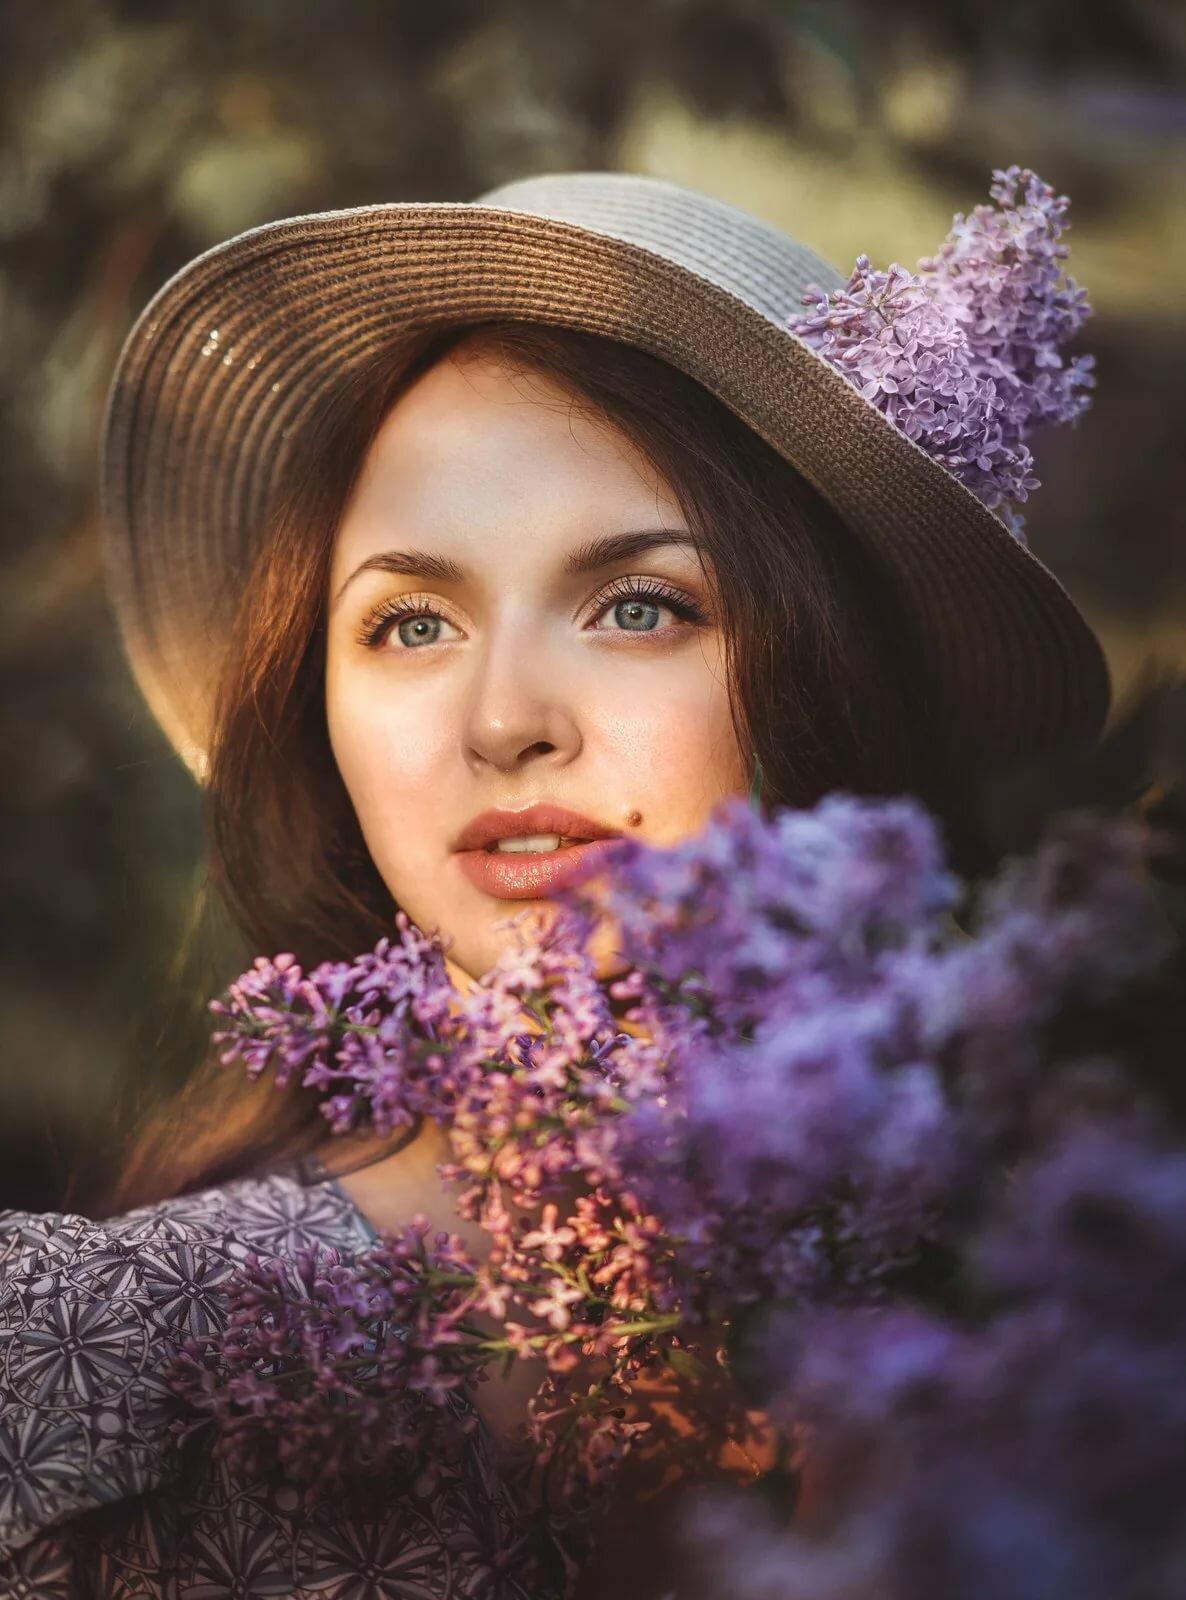 Стильные женские портреты фотографы краснодар